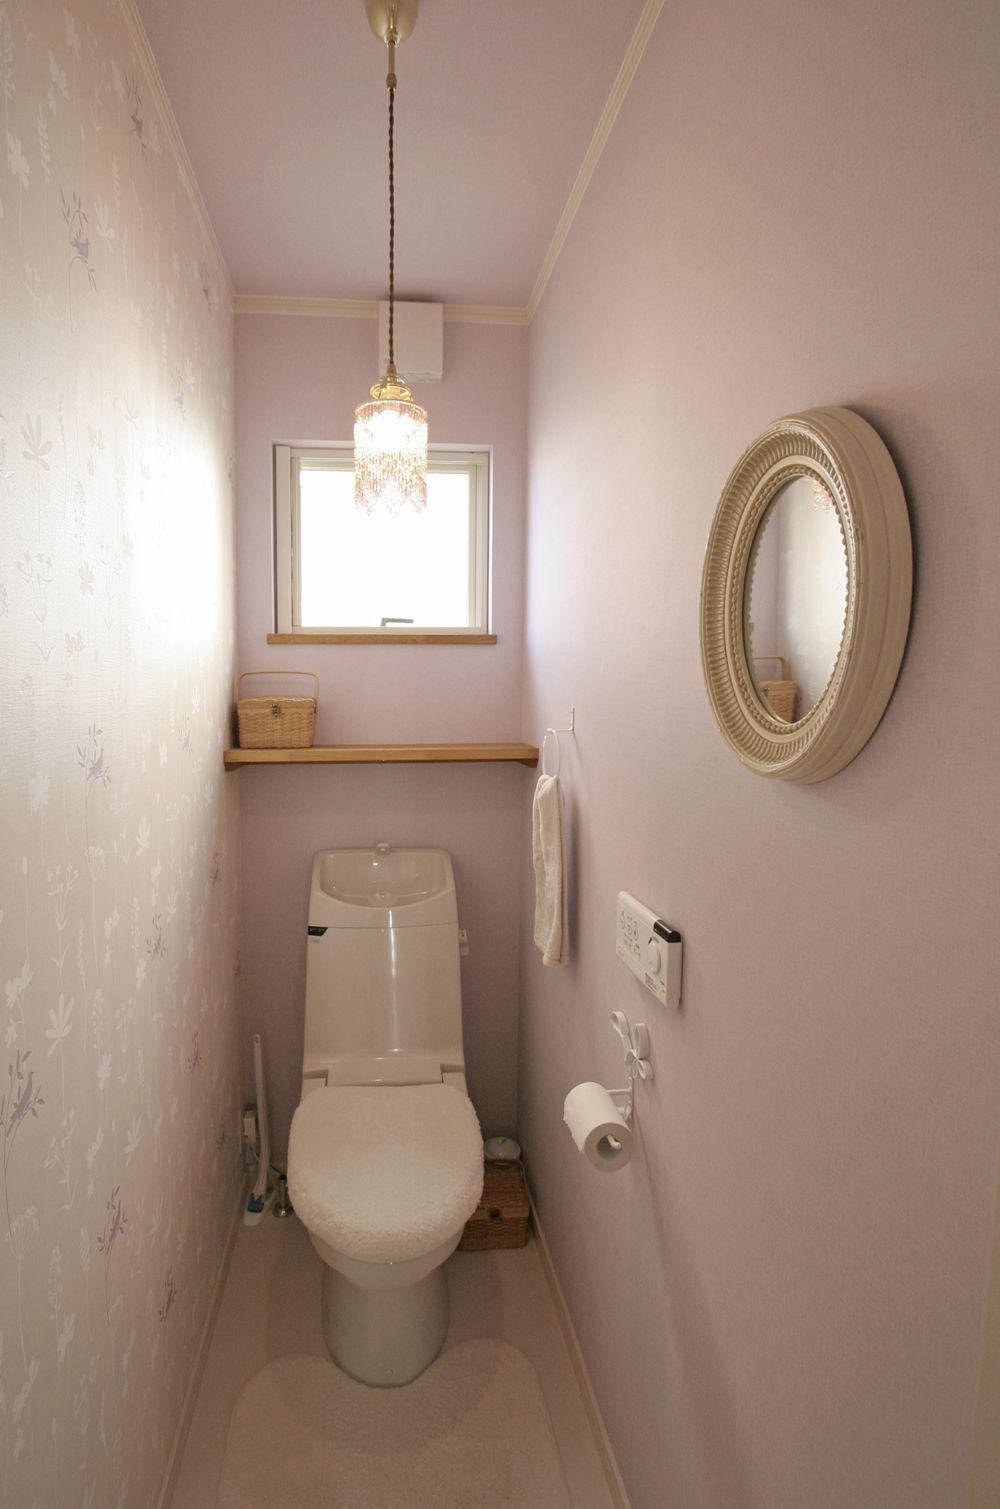 フェミニンピンクなトイレ おしゃれ狭くても快適トイレの トイレ 壁紙 トイレ 壁紙 おしゃれ 狭いバスルームのデザイン